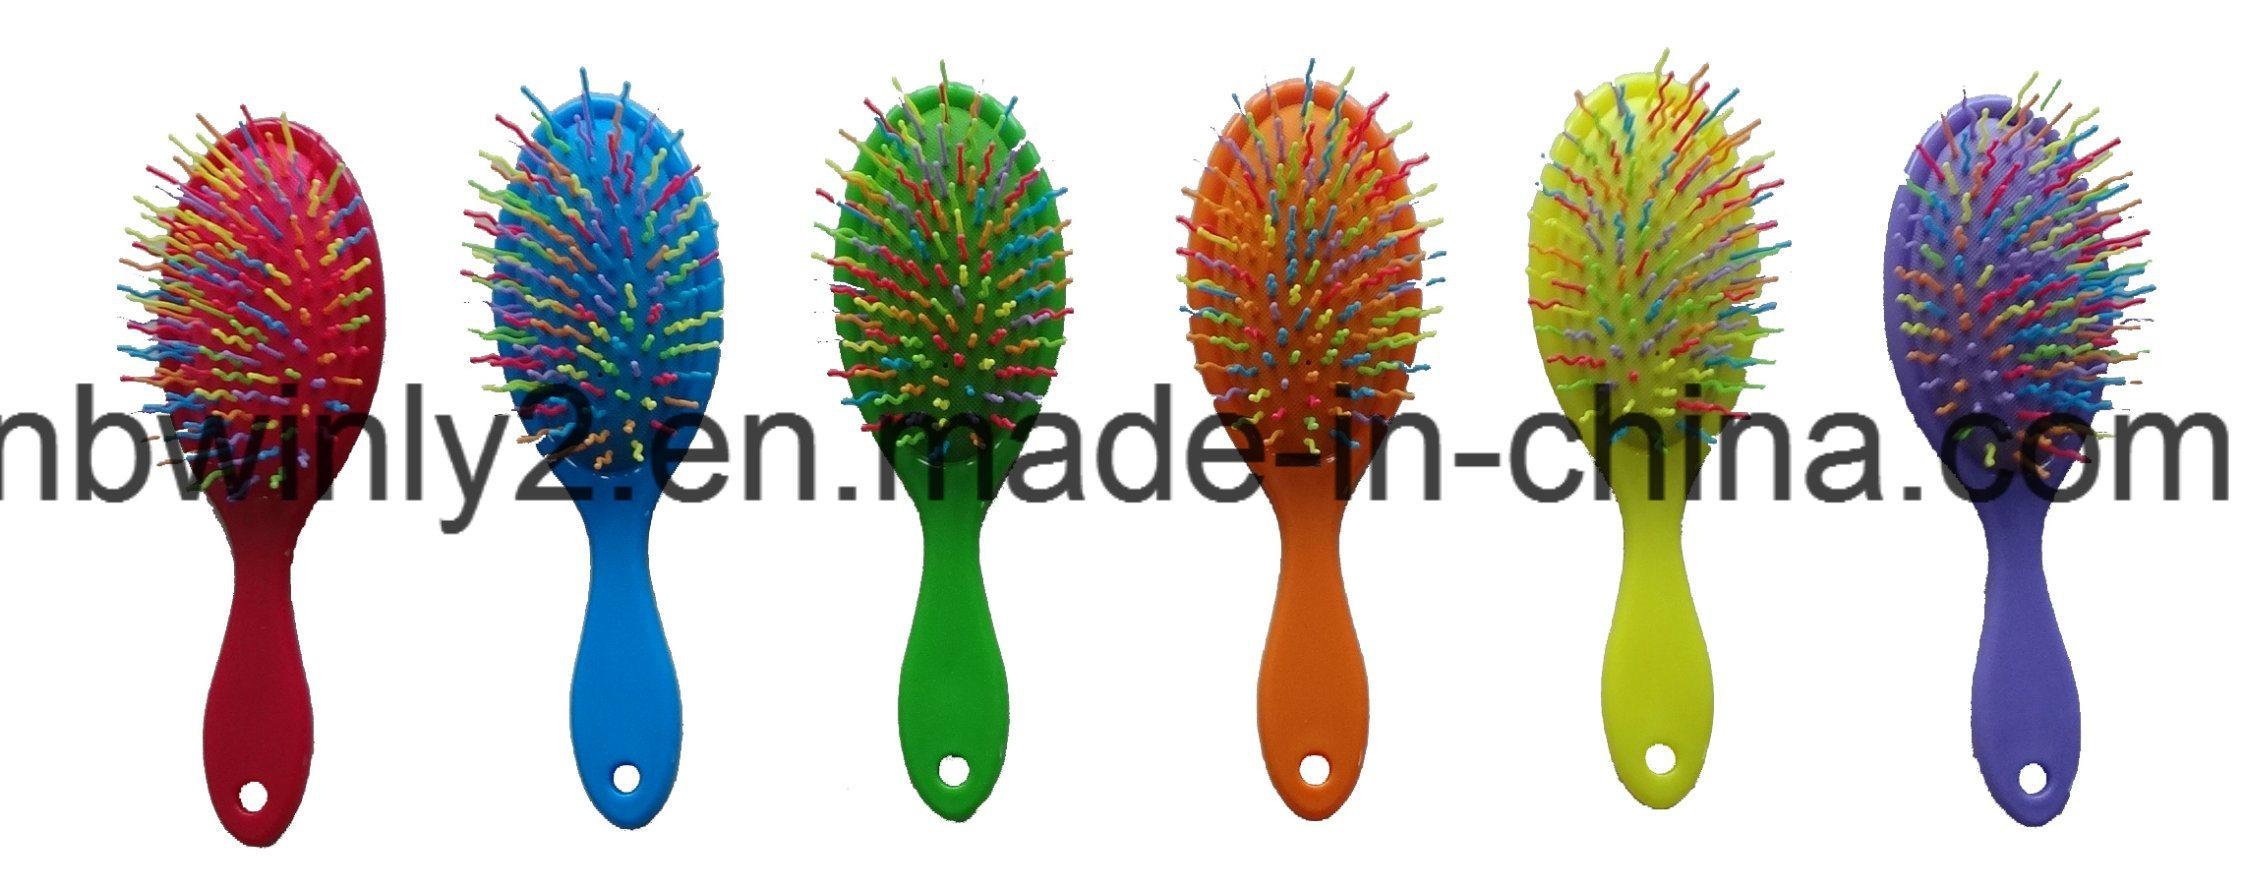 Soft Sticker for Logo on The Hair Brush